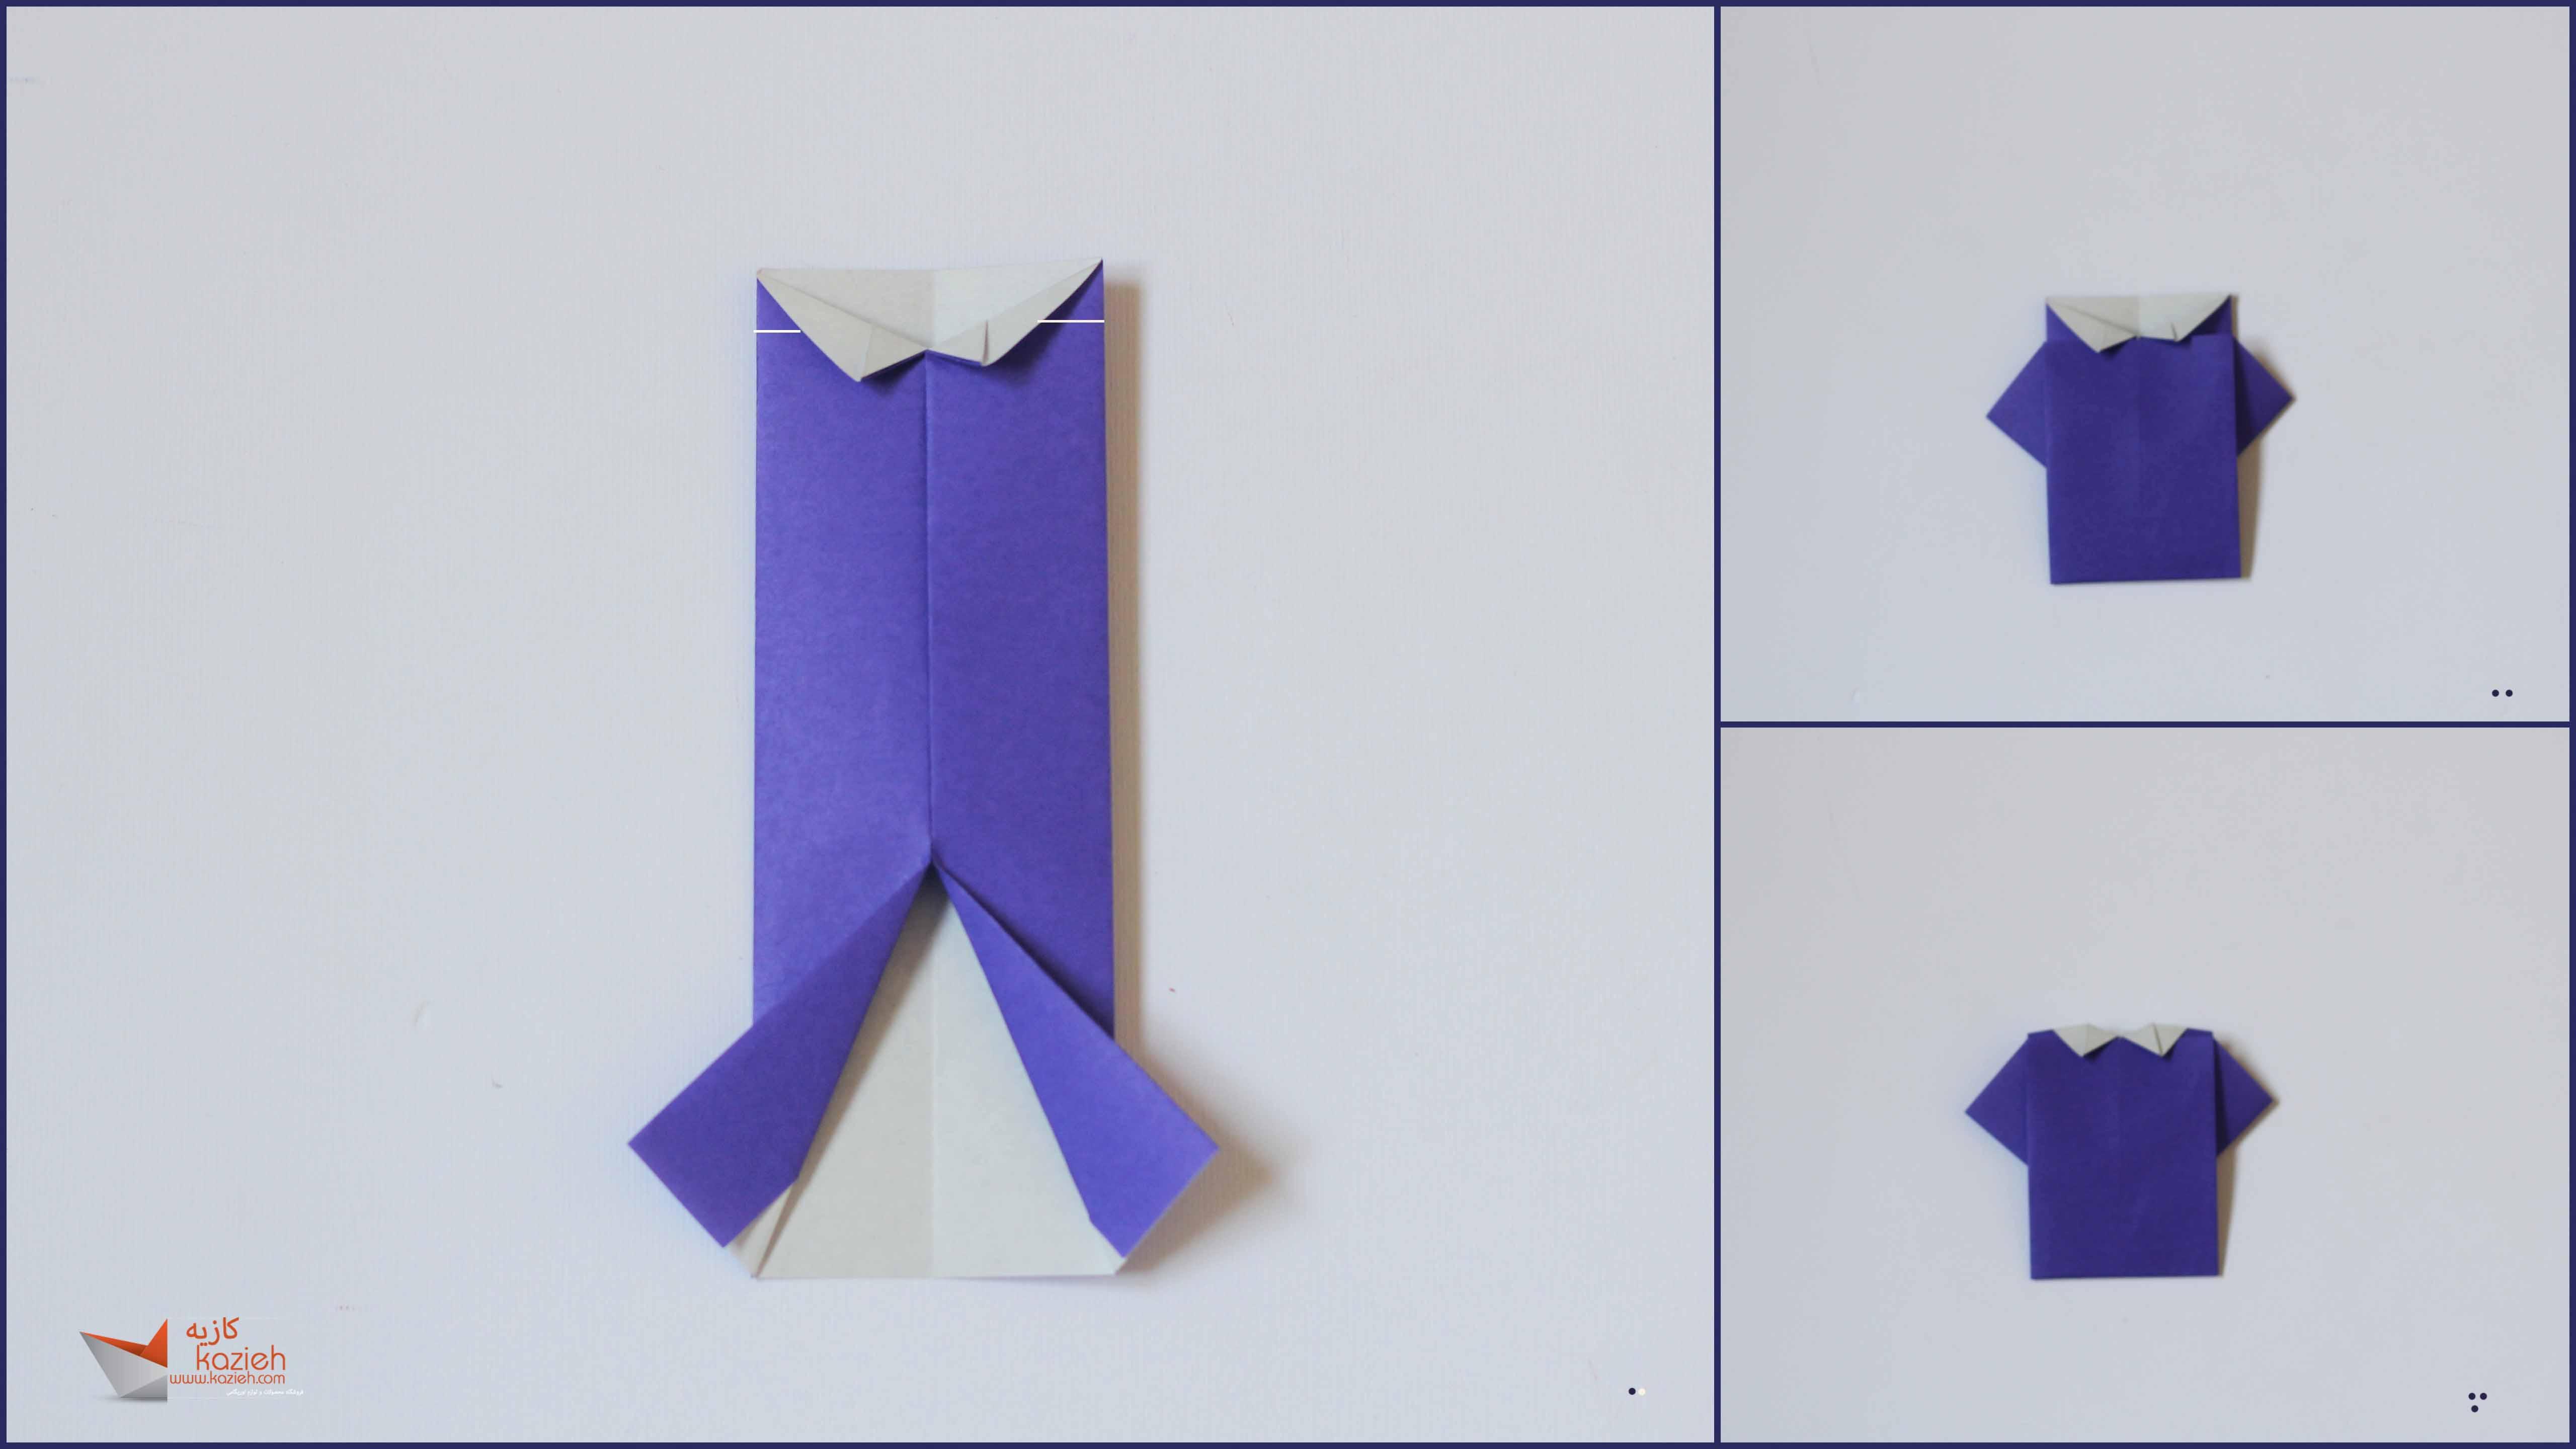 آموزش پیراهن مردانه اوریگامی- مرحله ششم - کازیه اریگامی - کاغذوتا